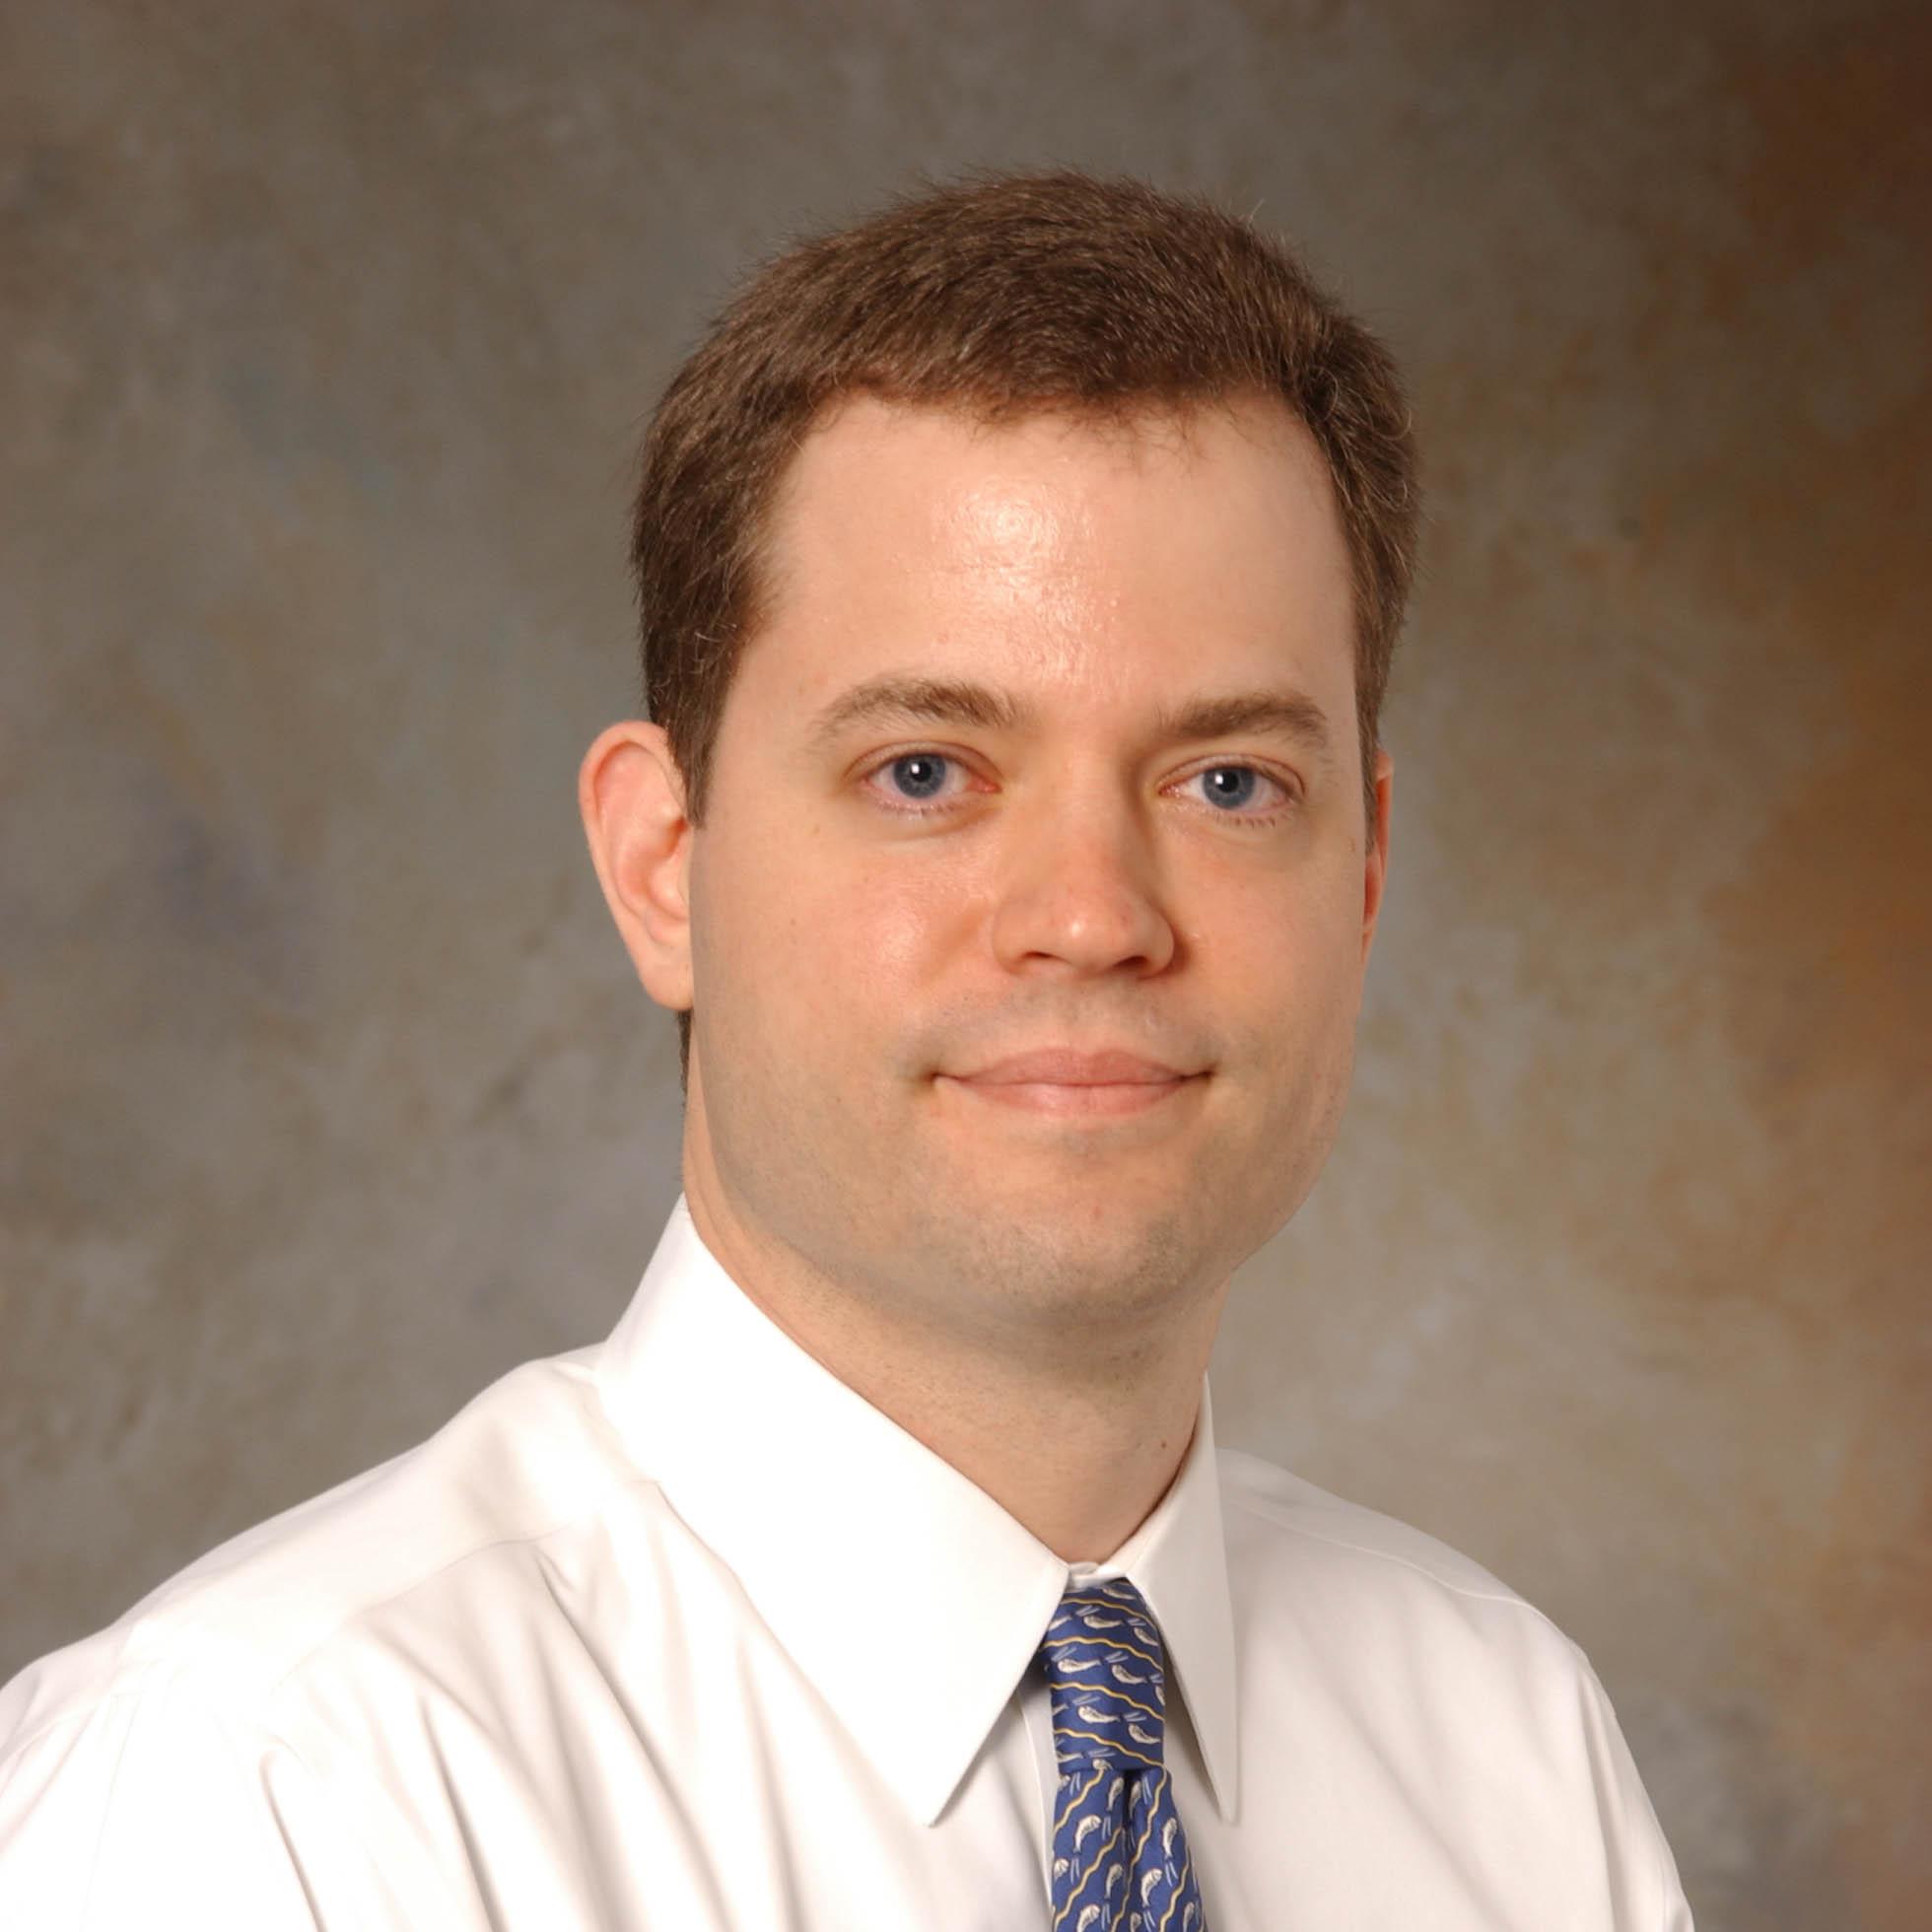 Scott Gettinger